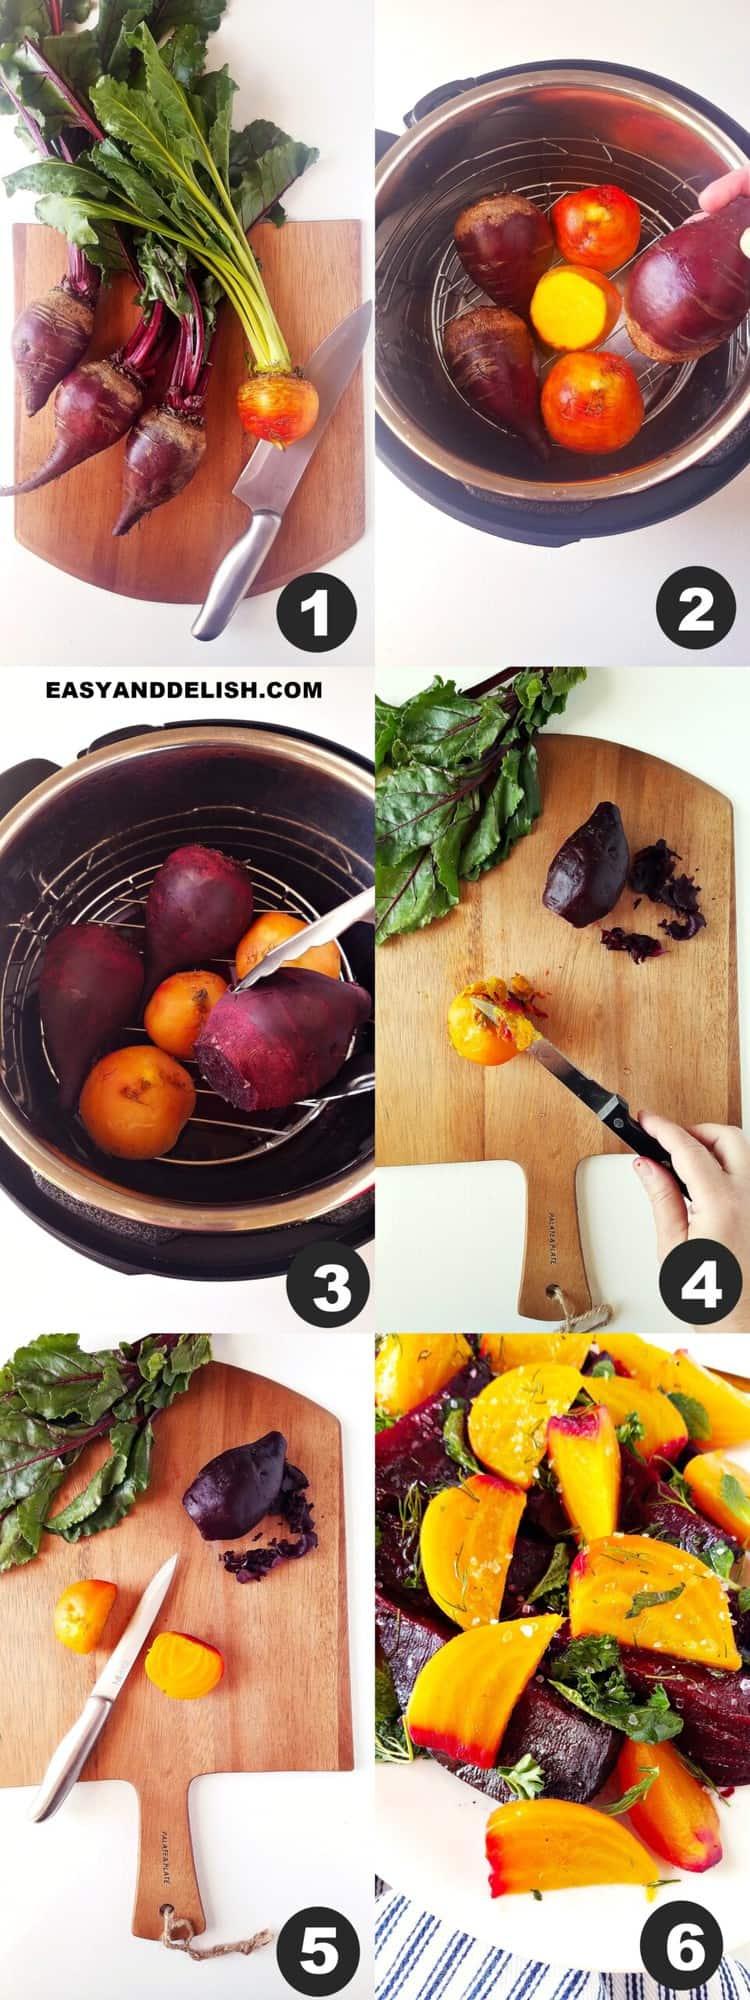 foto colagem mostrando como cozinhar beterraba na panela de pressão